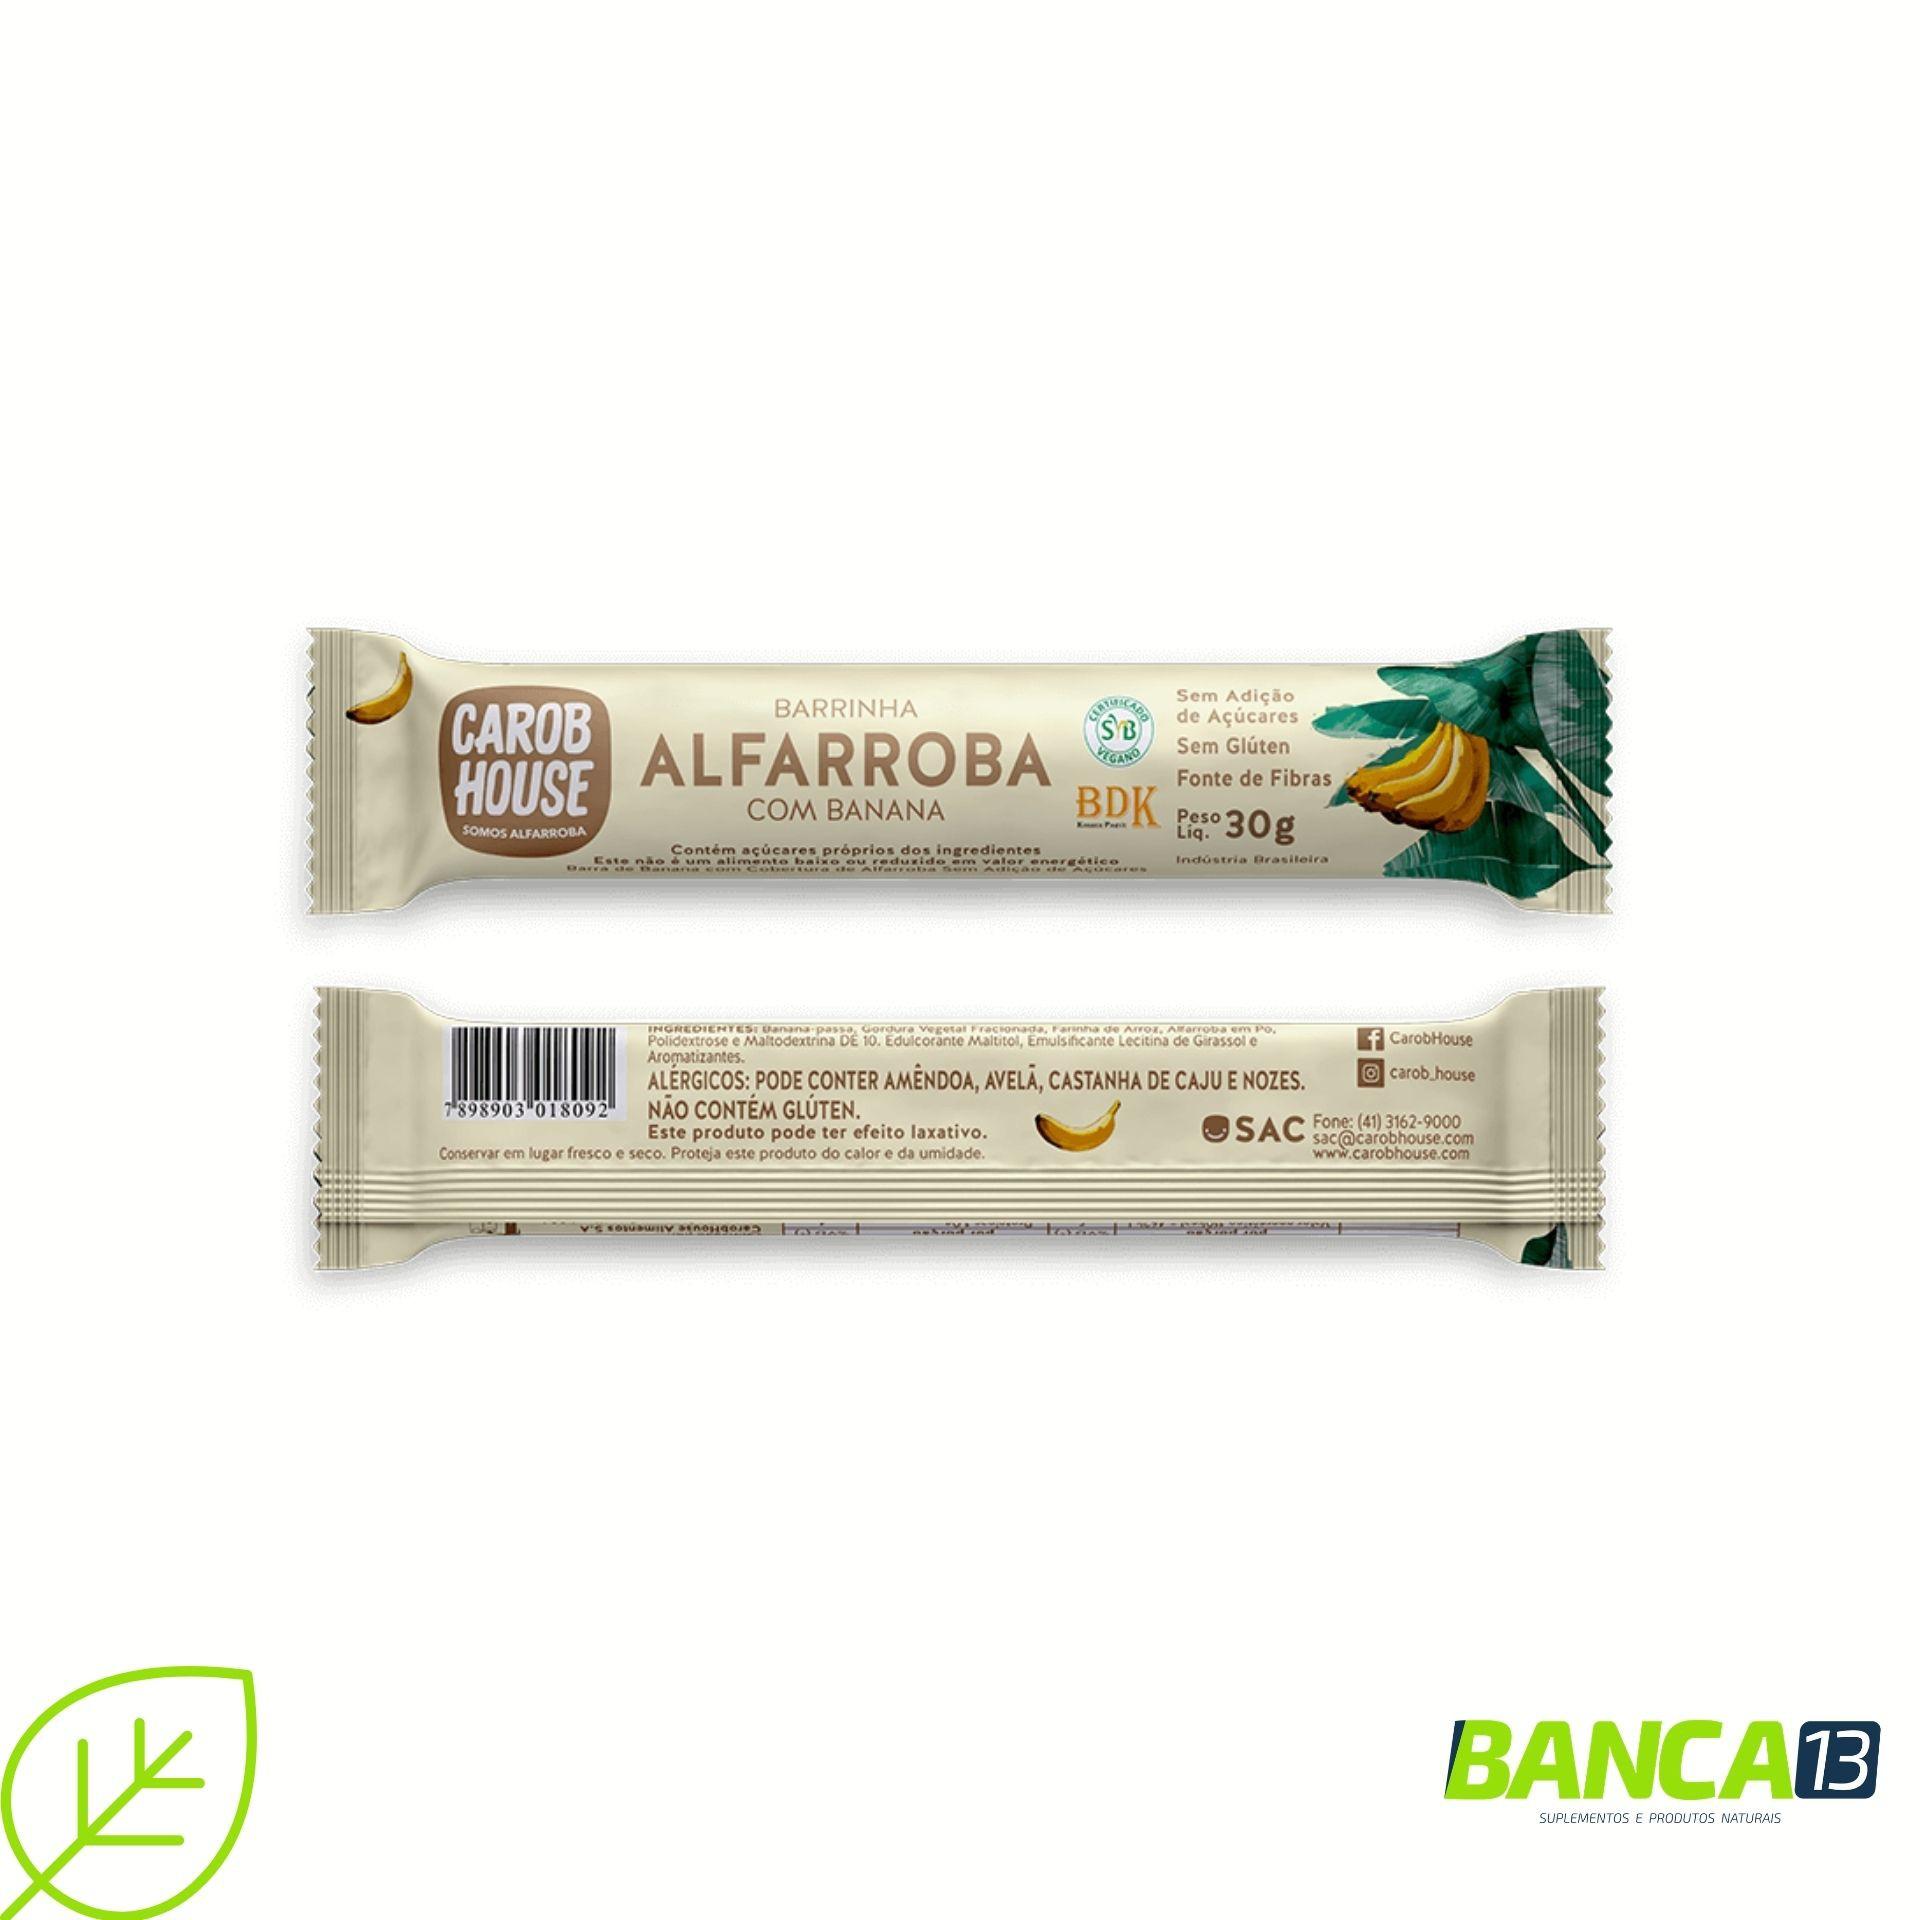 BARRINHA DE ALFARROBA COM BANANA 30G - CAROB HOUSE